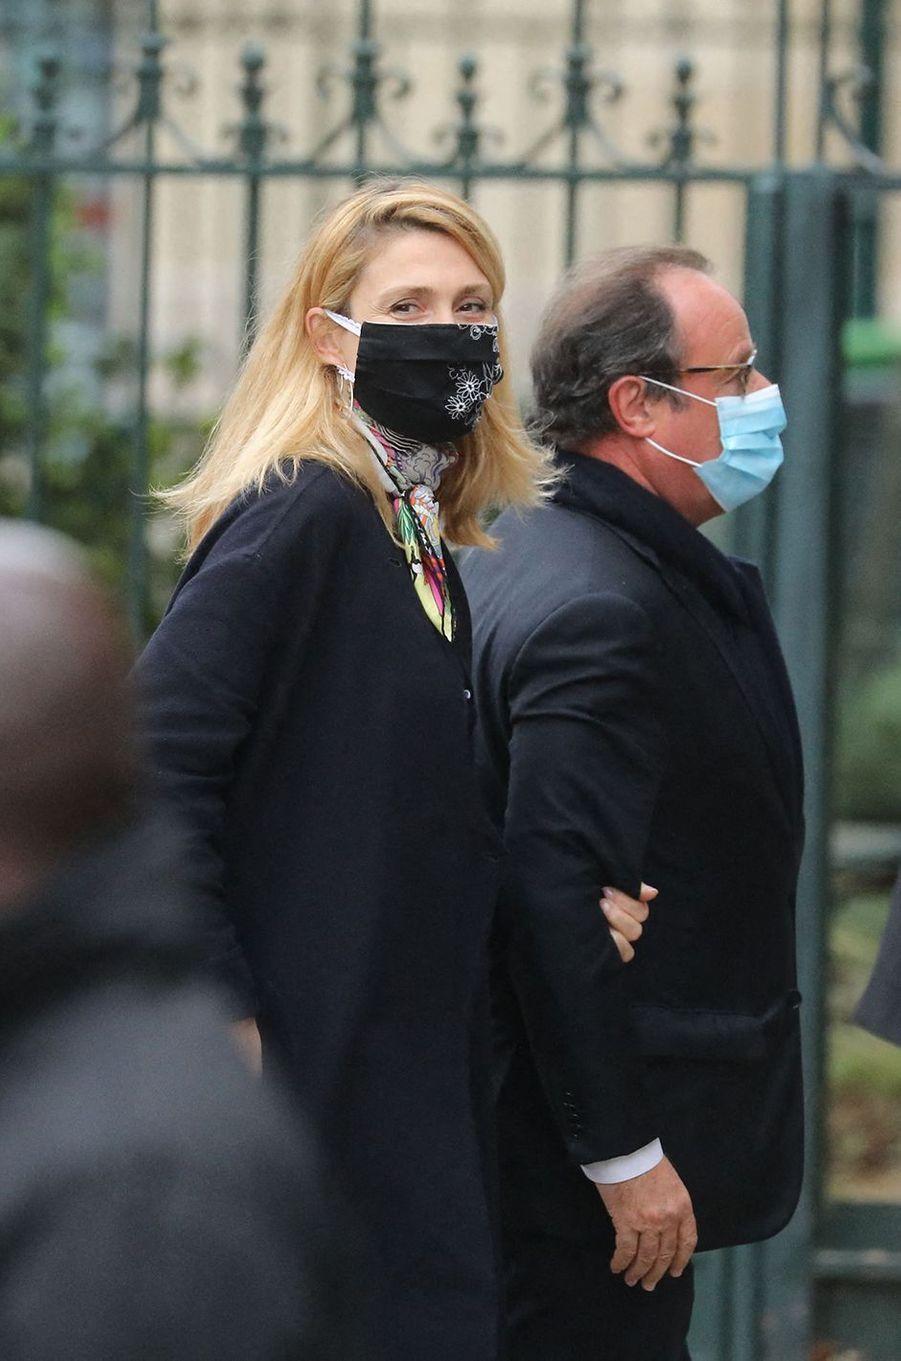 Julie Gayet et François Hollandeaux obsèques de Juliette Gréco à Paris le 5 octobre 2020